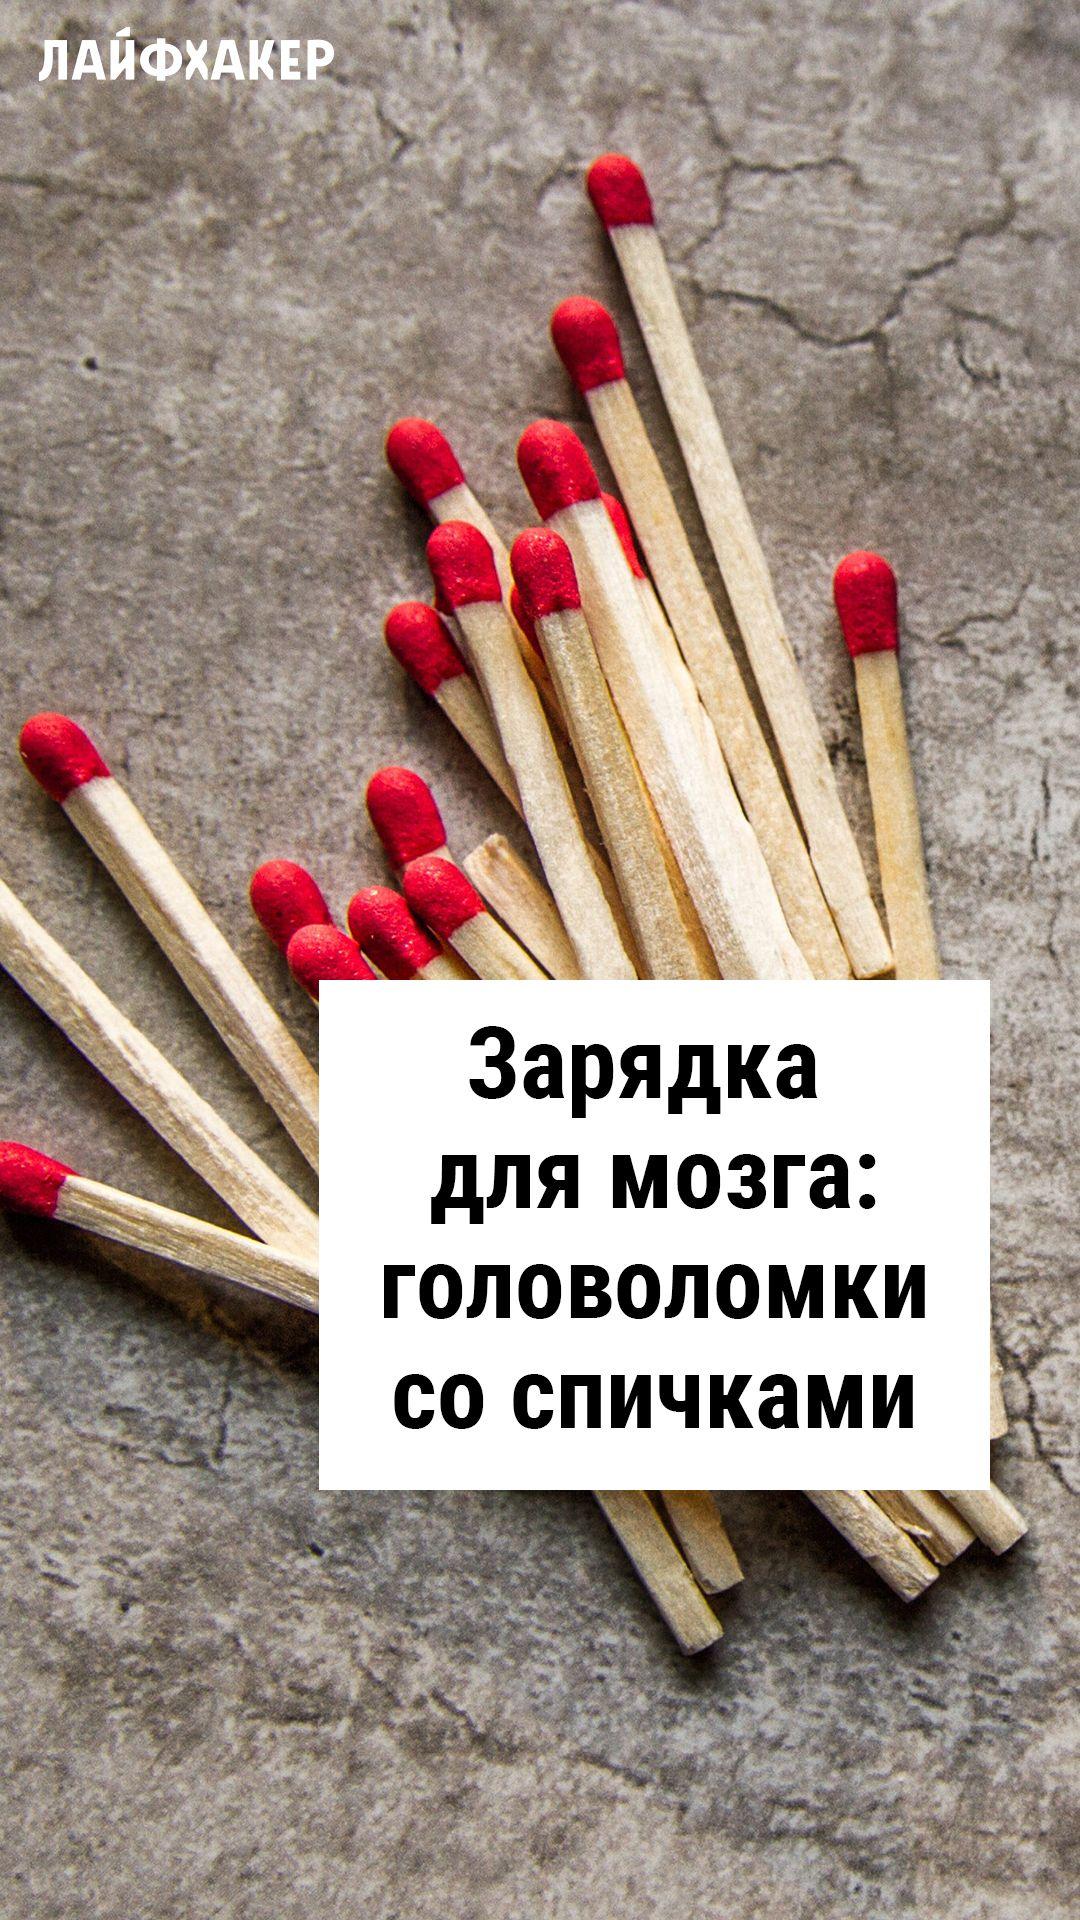 Zaryadka Dlya Mozga Golovolomki So Spichkami Rebusy Golovolomki Razvivayushie Uprazhneniya Rebusy